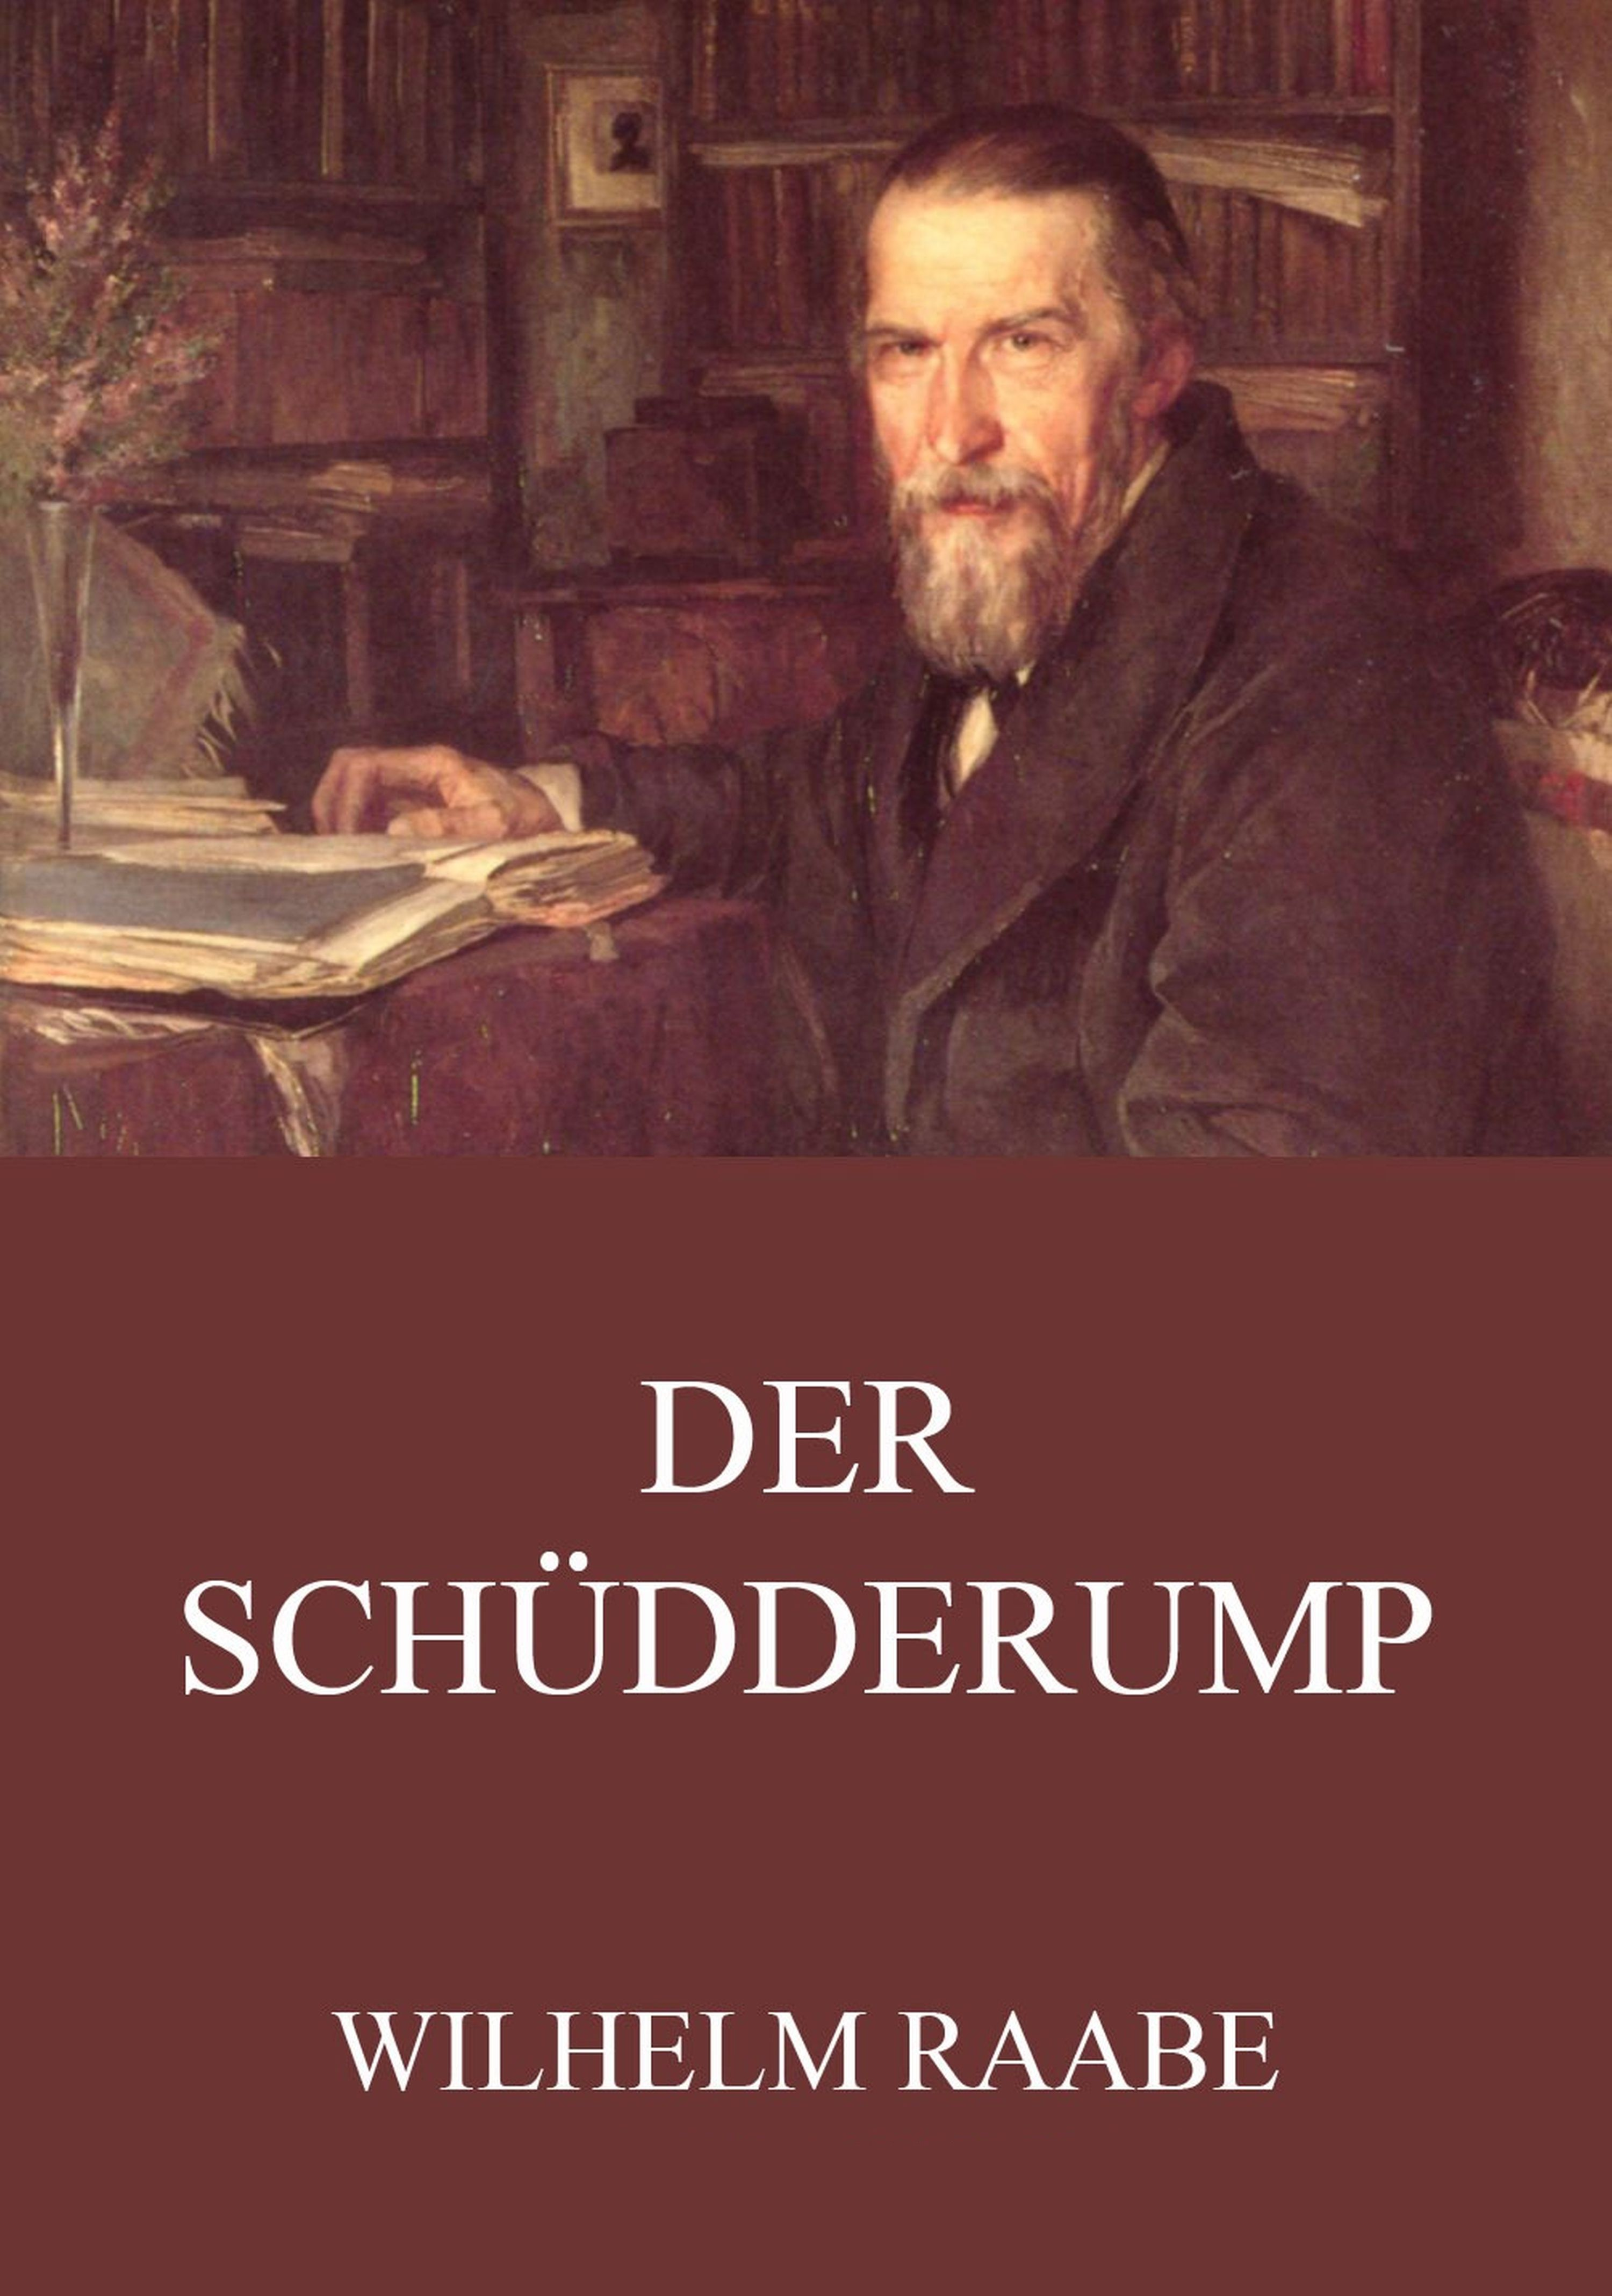 Wilhelm Raabe Der Schüdderump max planck kaiser wilhelm ges zur forderung der wis 25 jahre kaiser wilhelm gesellschaft zur forderung der wissenschaften erster band handbuch